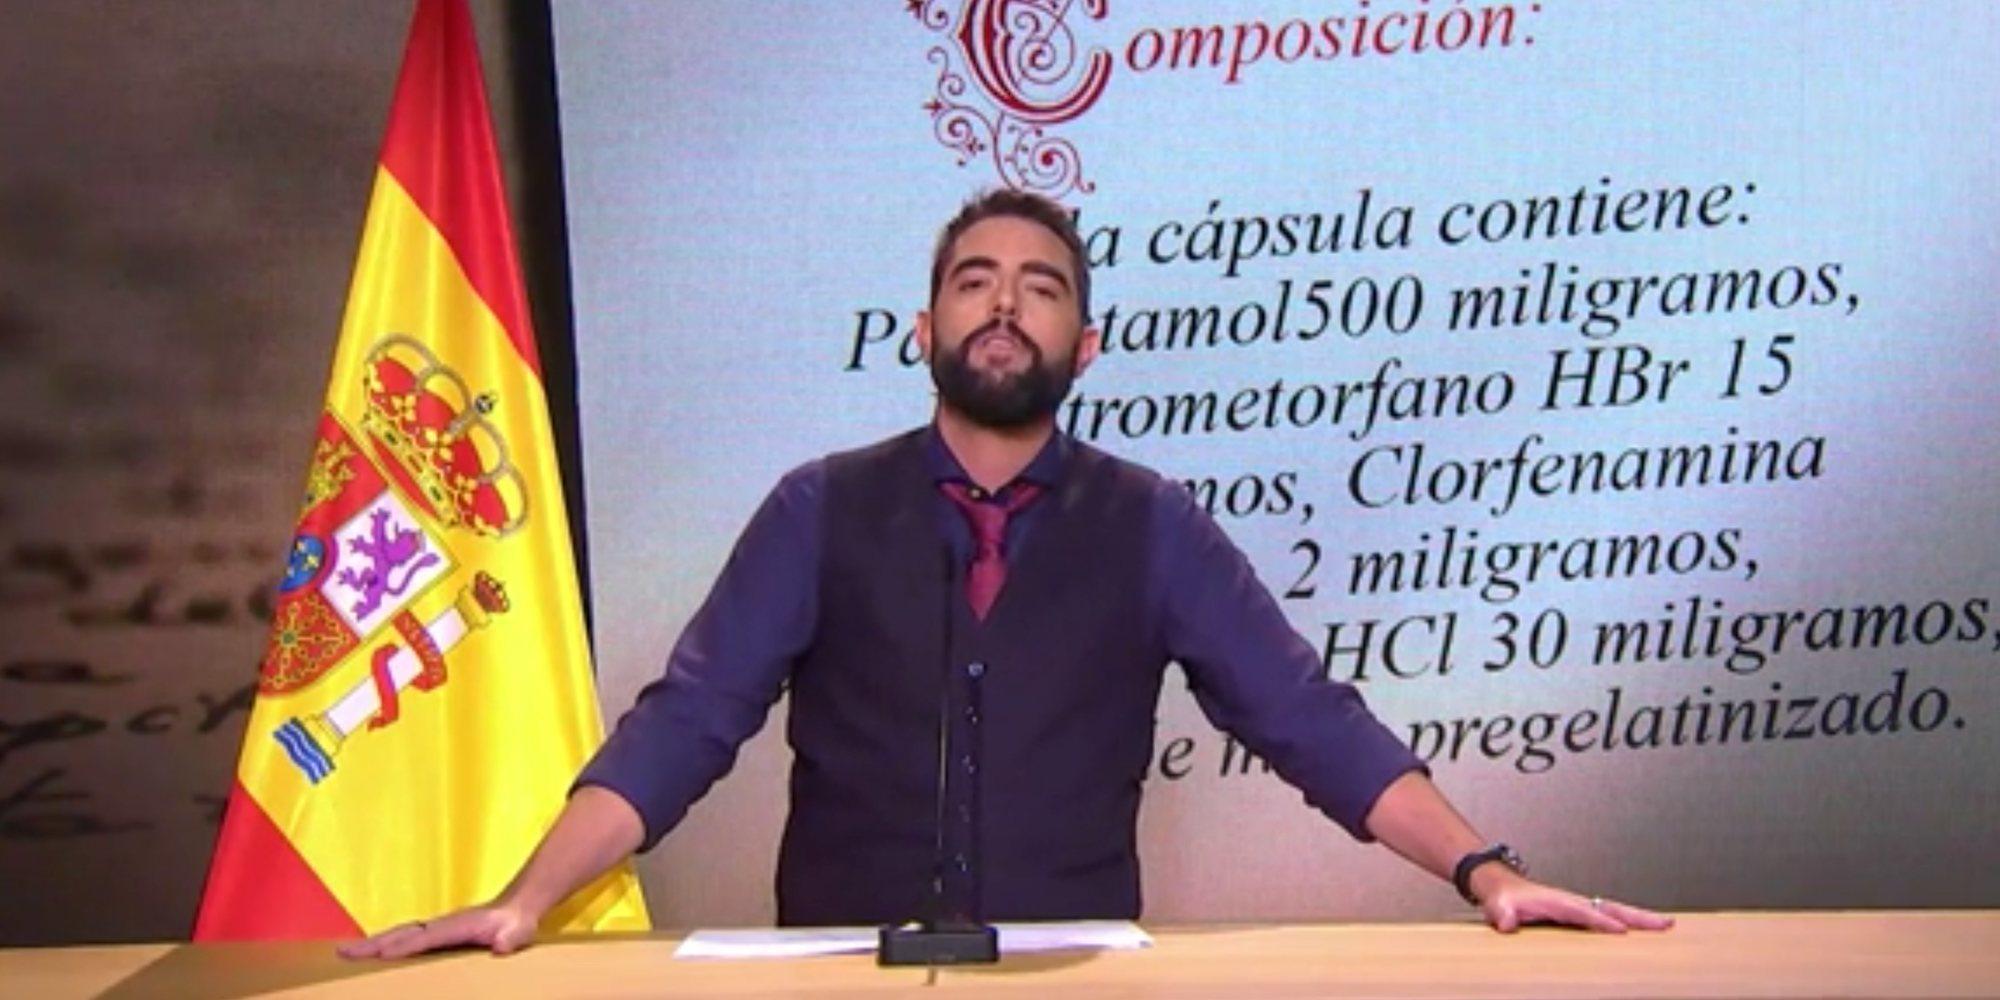 Dani Mateo actúa en Ciudad Real con escolta tras sonarse los mocos con la bandera de España